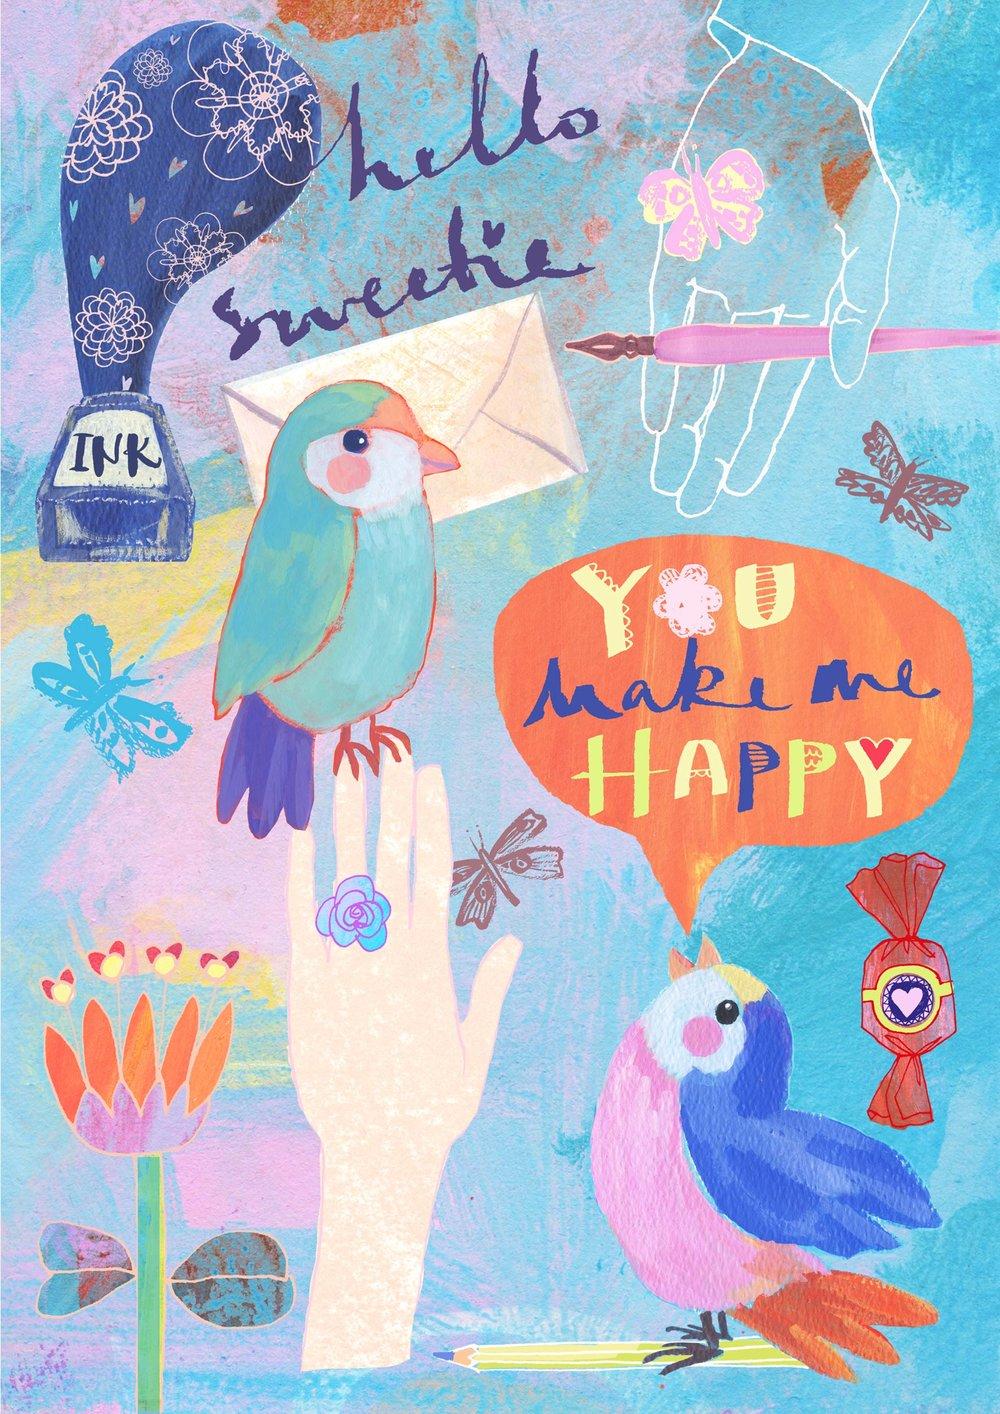 Sweetie-a-thinking-of-you-card-by-gabriella-buckingham.jpg